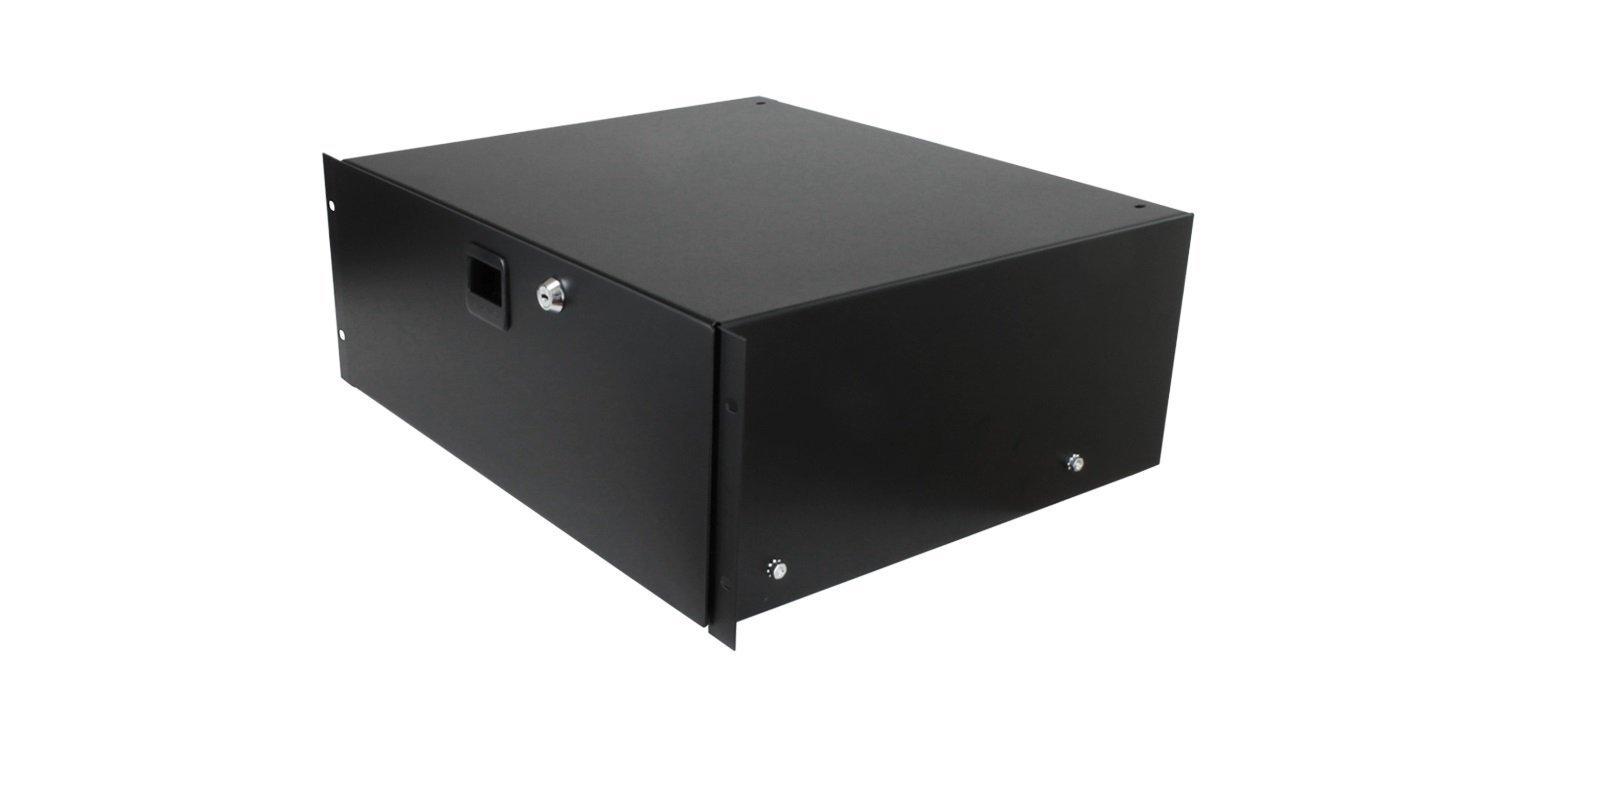 Penn Elcom 3234LK 4 Space (4U) Steel Rack Drawer with Slam Latch & Keyed Lock, 15.25'' Deep